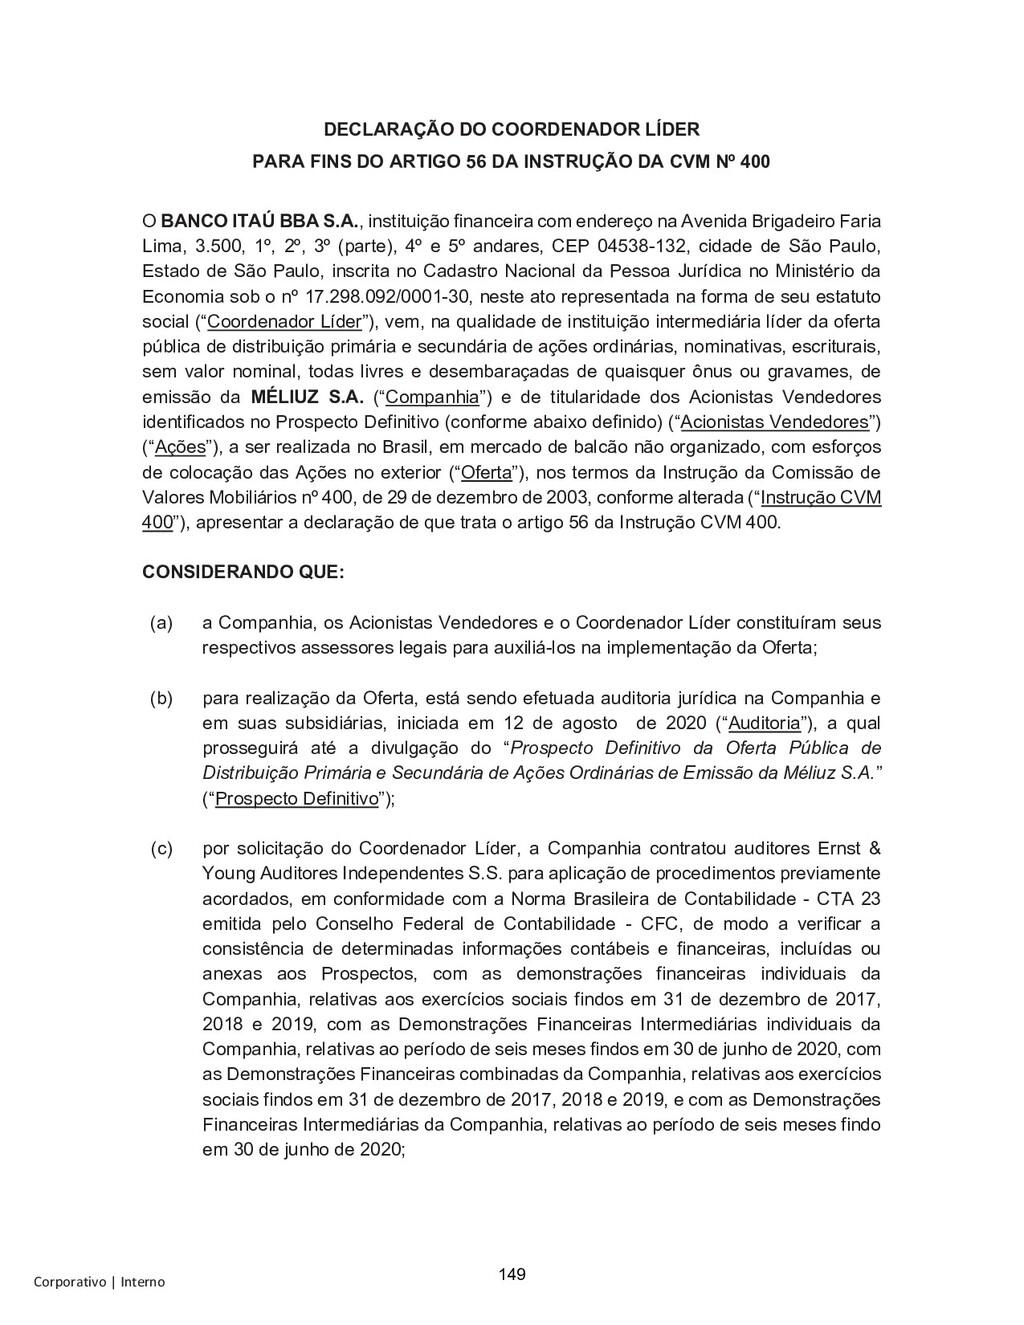 Corporativo | Interno DECLARAÇÃO DO COORDENADOR...